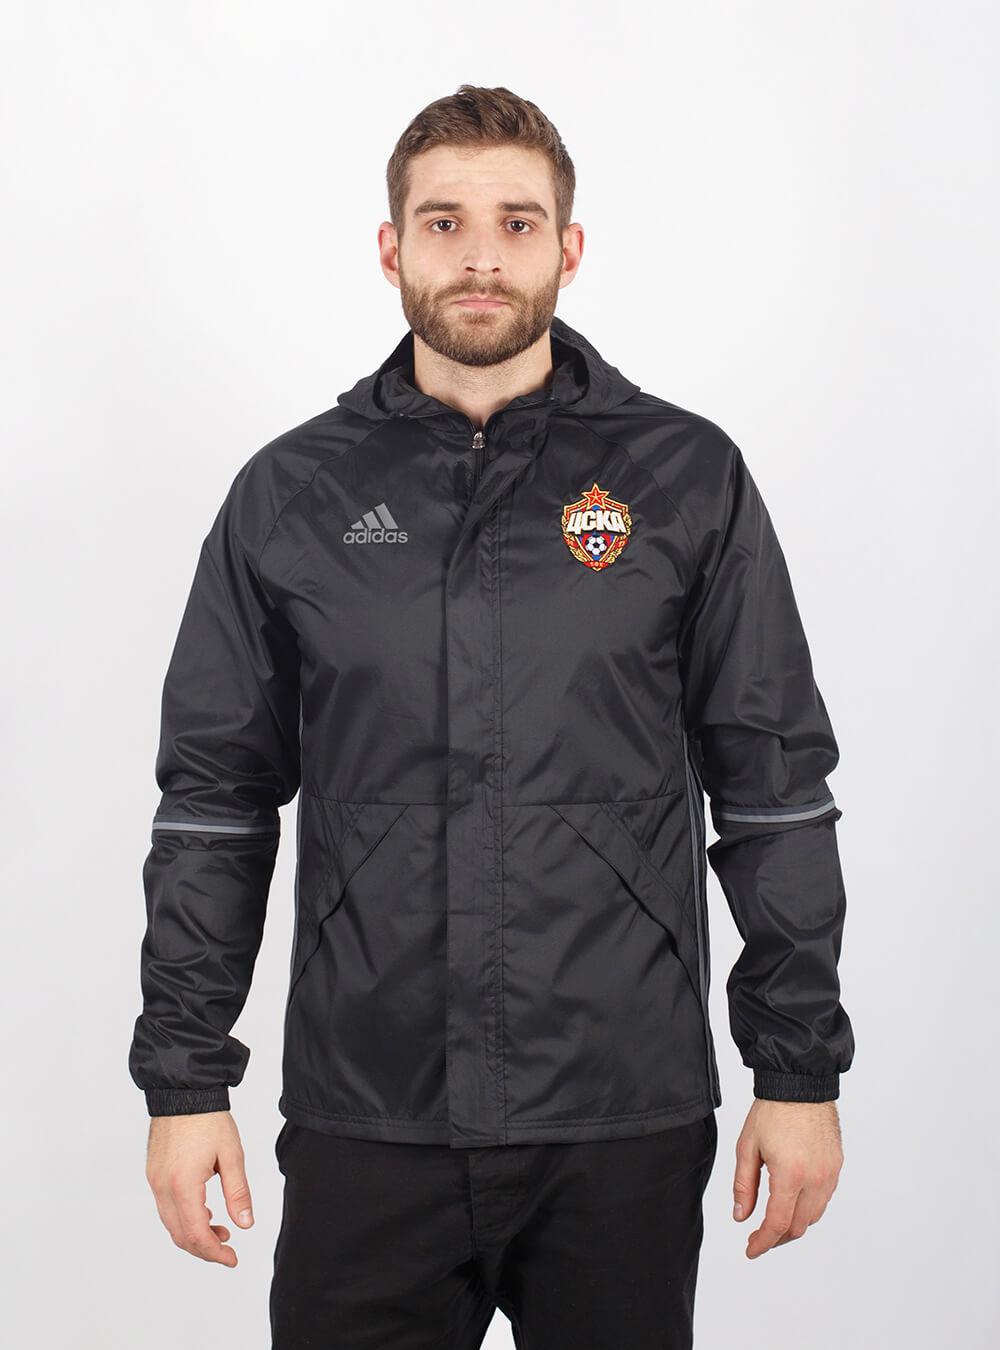 Купить Куртка ветрозащитная (L) по Нижнему Новгороду